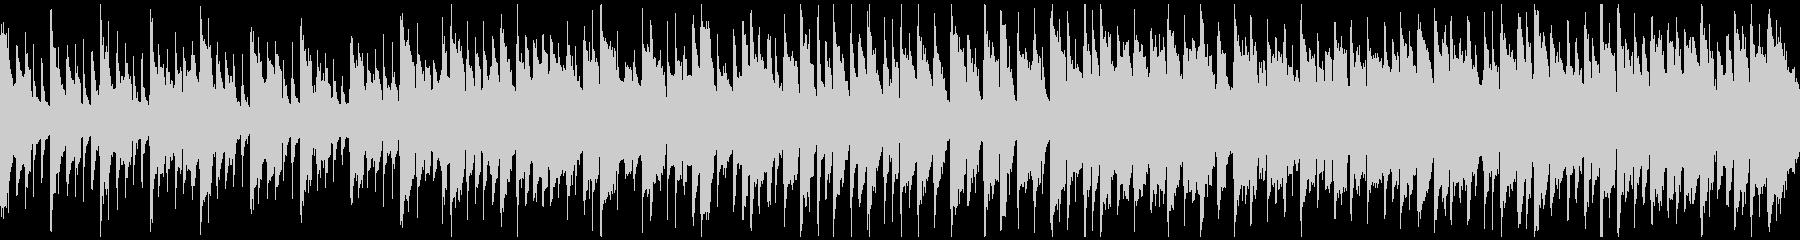 メルヘンチックなリコーダー曲 ※ループ版の未再生の波形